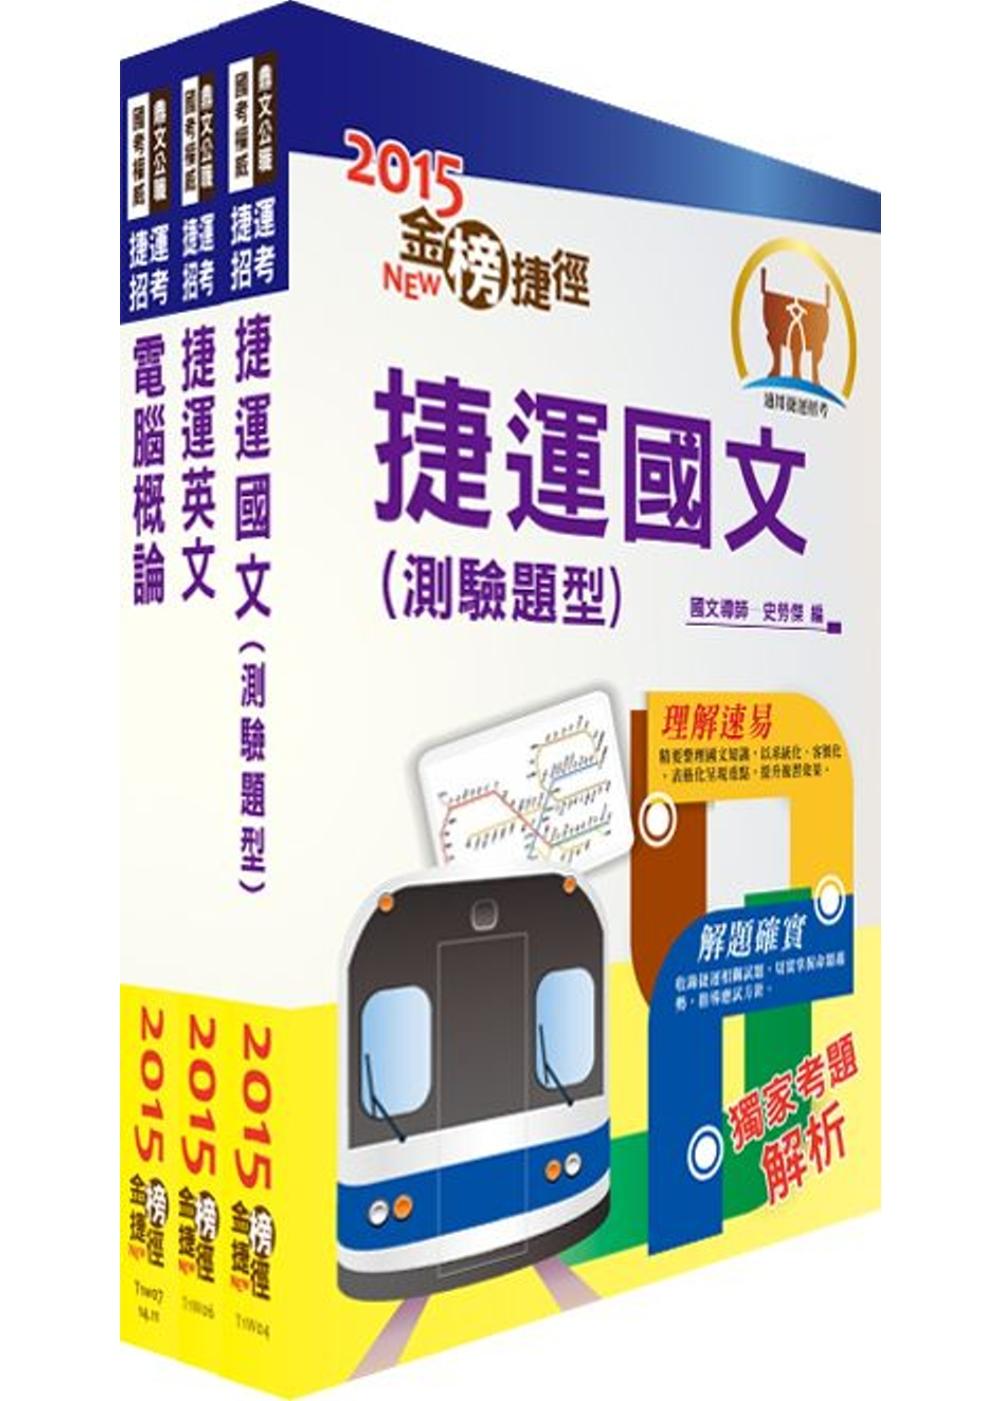 104年台北捷運招考(技術員)共同科目套書(國文為國語文)(獨家贈送線上題庫)